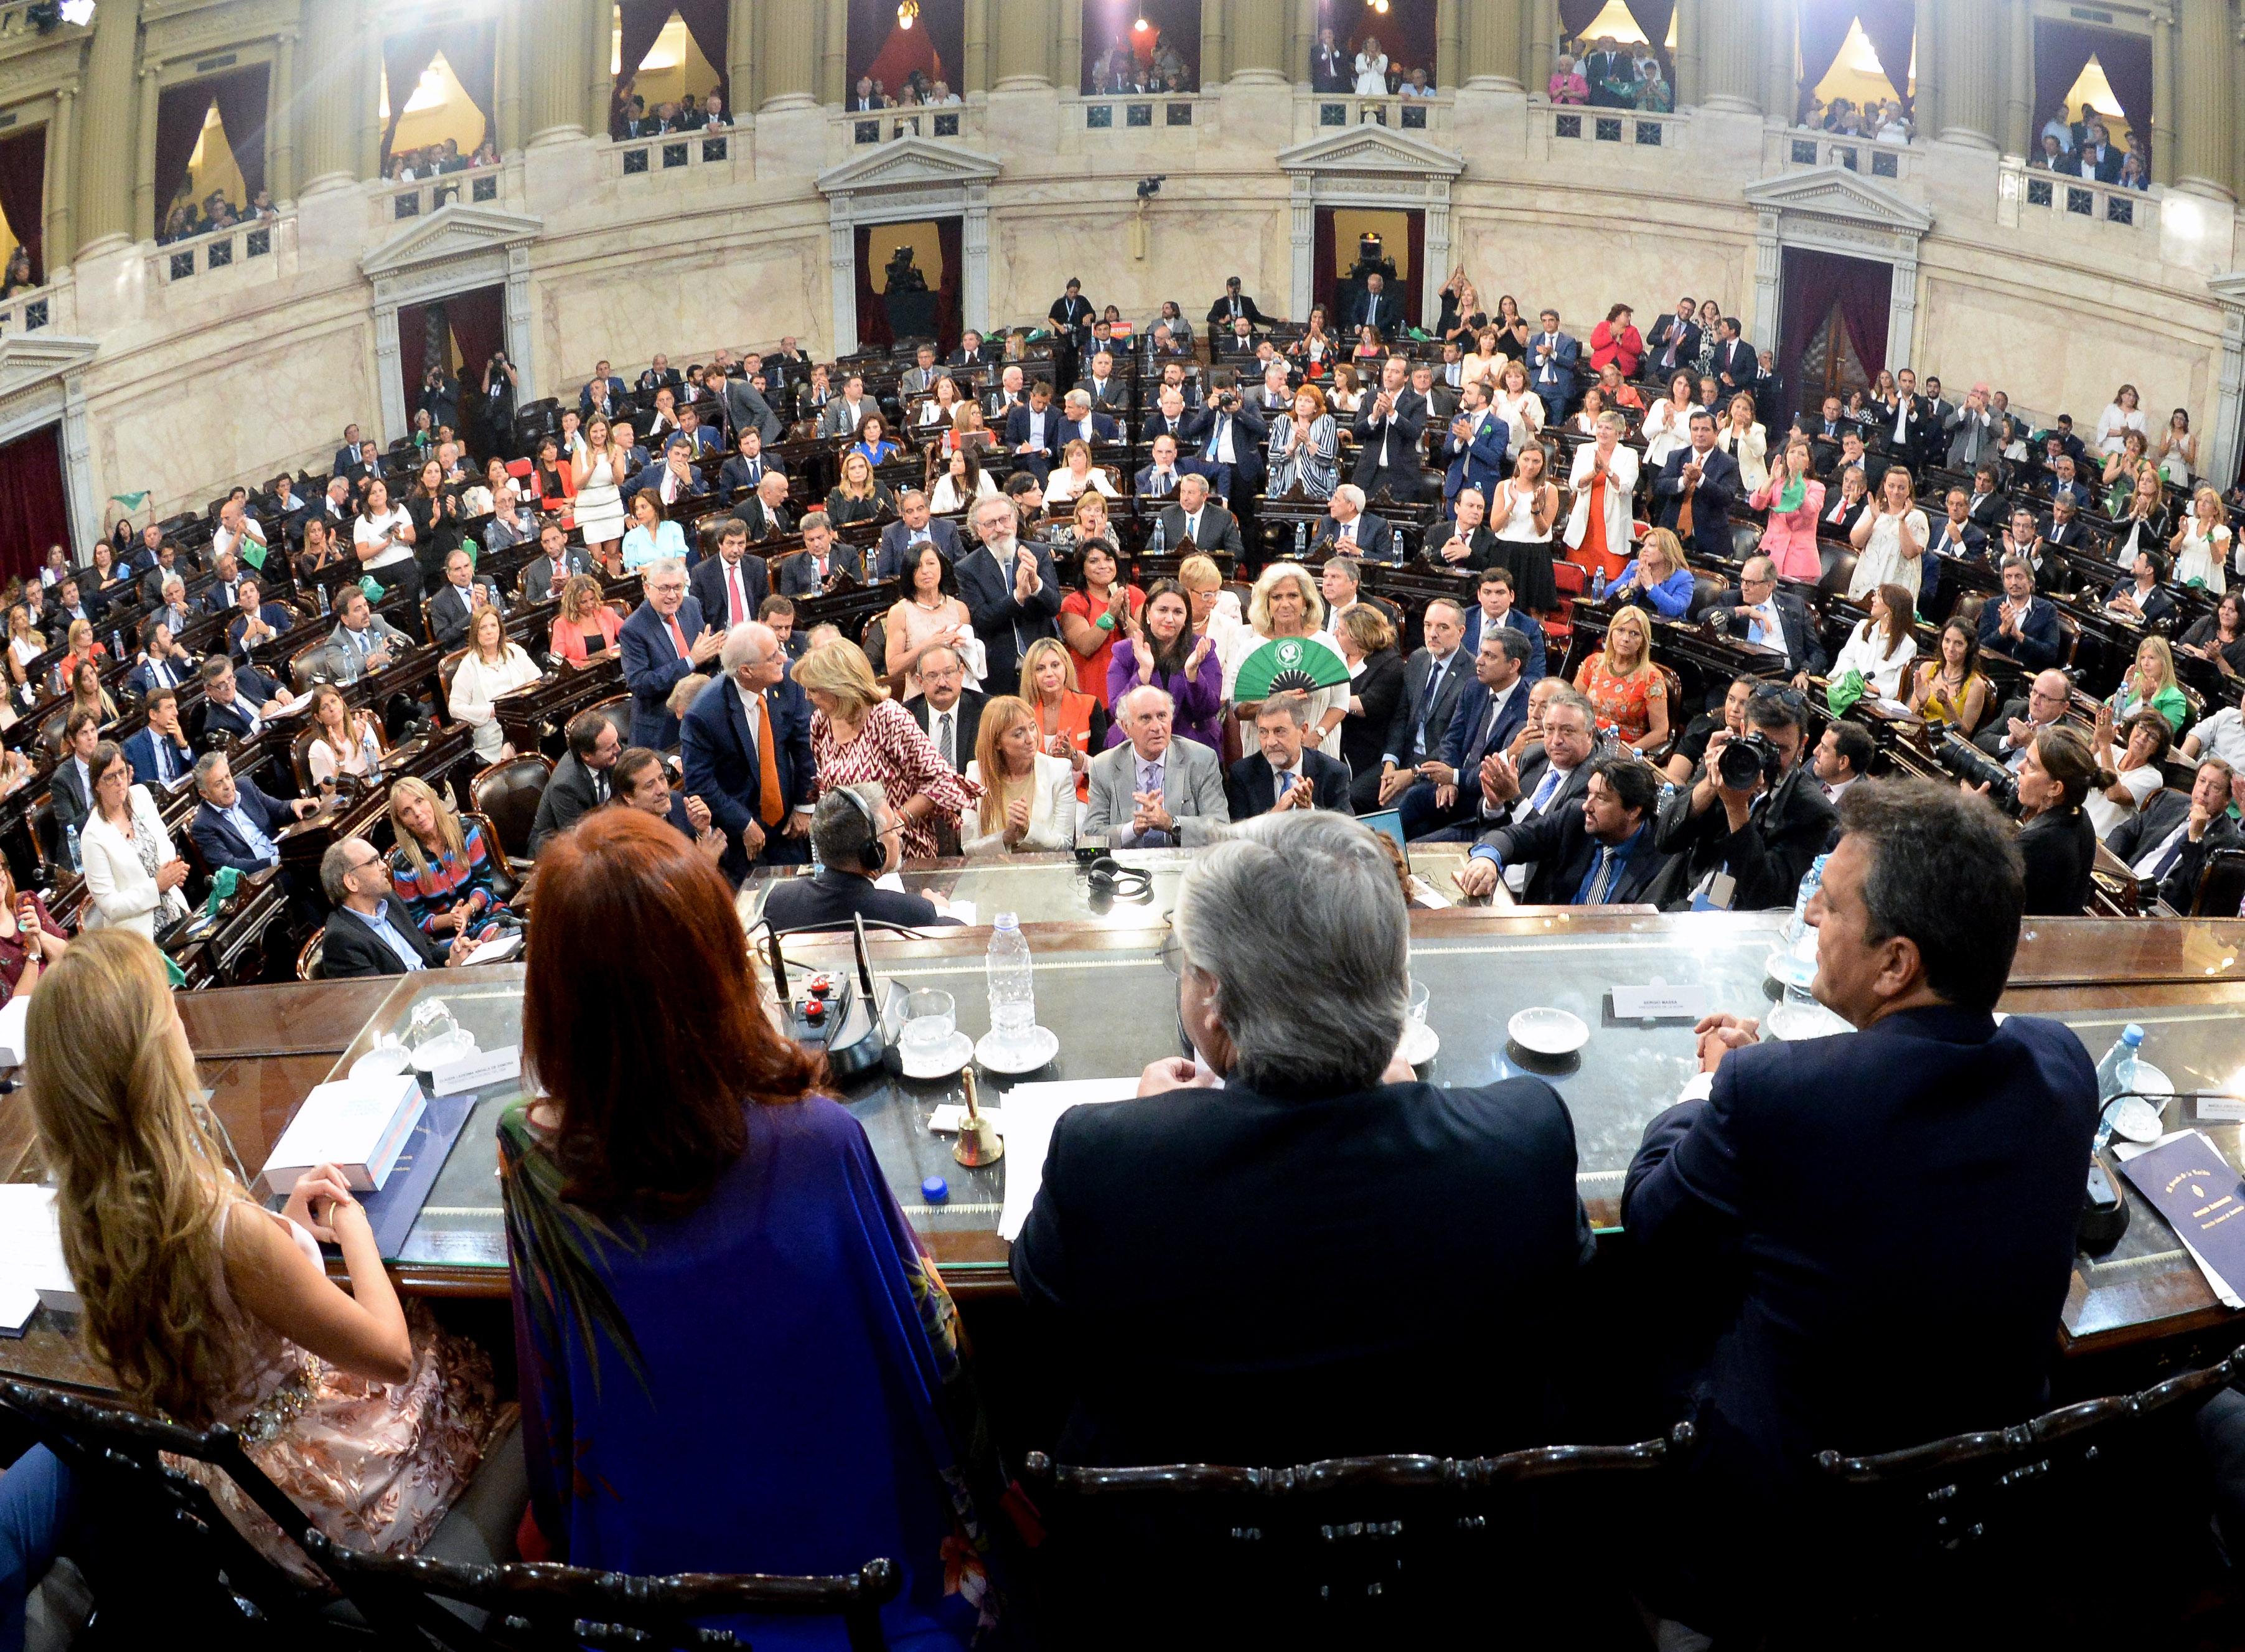 Legisladores, intendentes, ministros, gobernadores, sindicalistas y miembros del Poder Judicial estuvieron en el Congreso